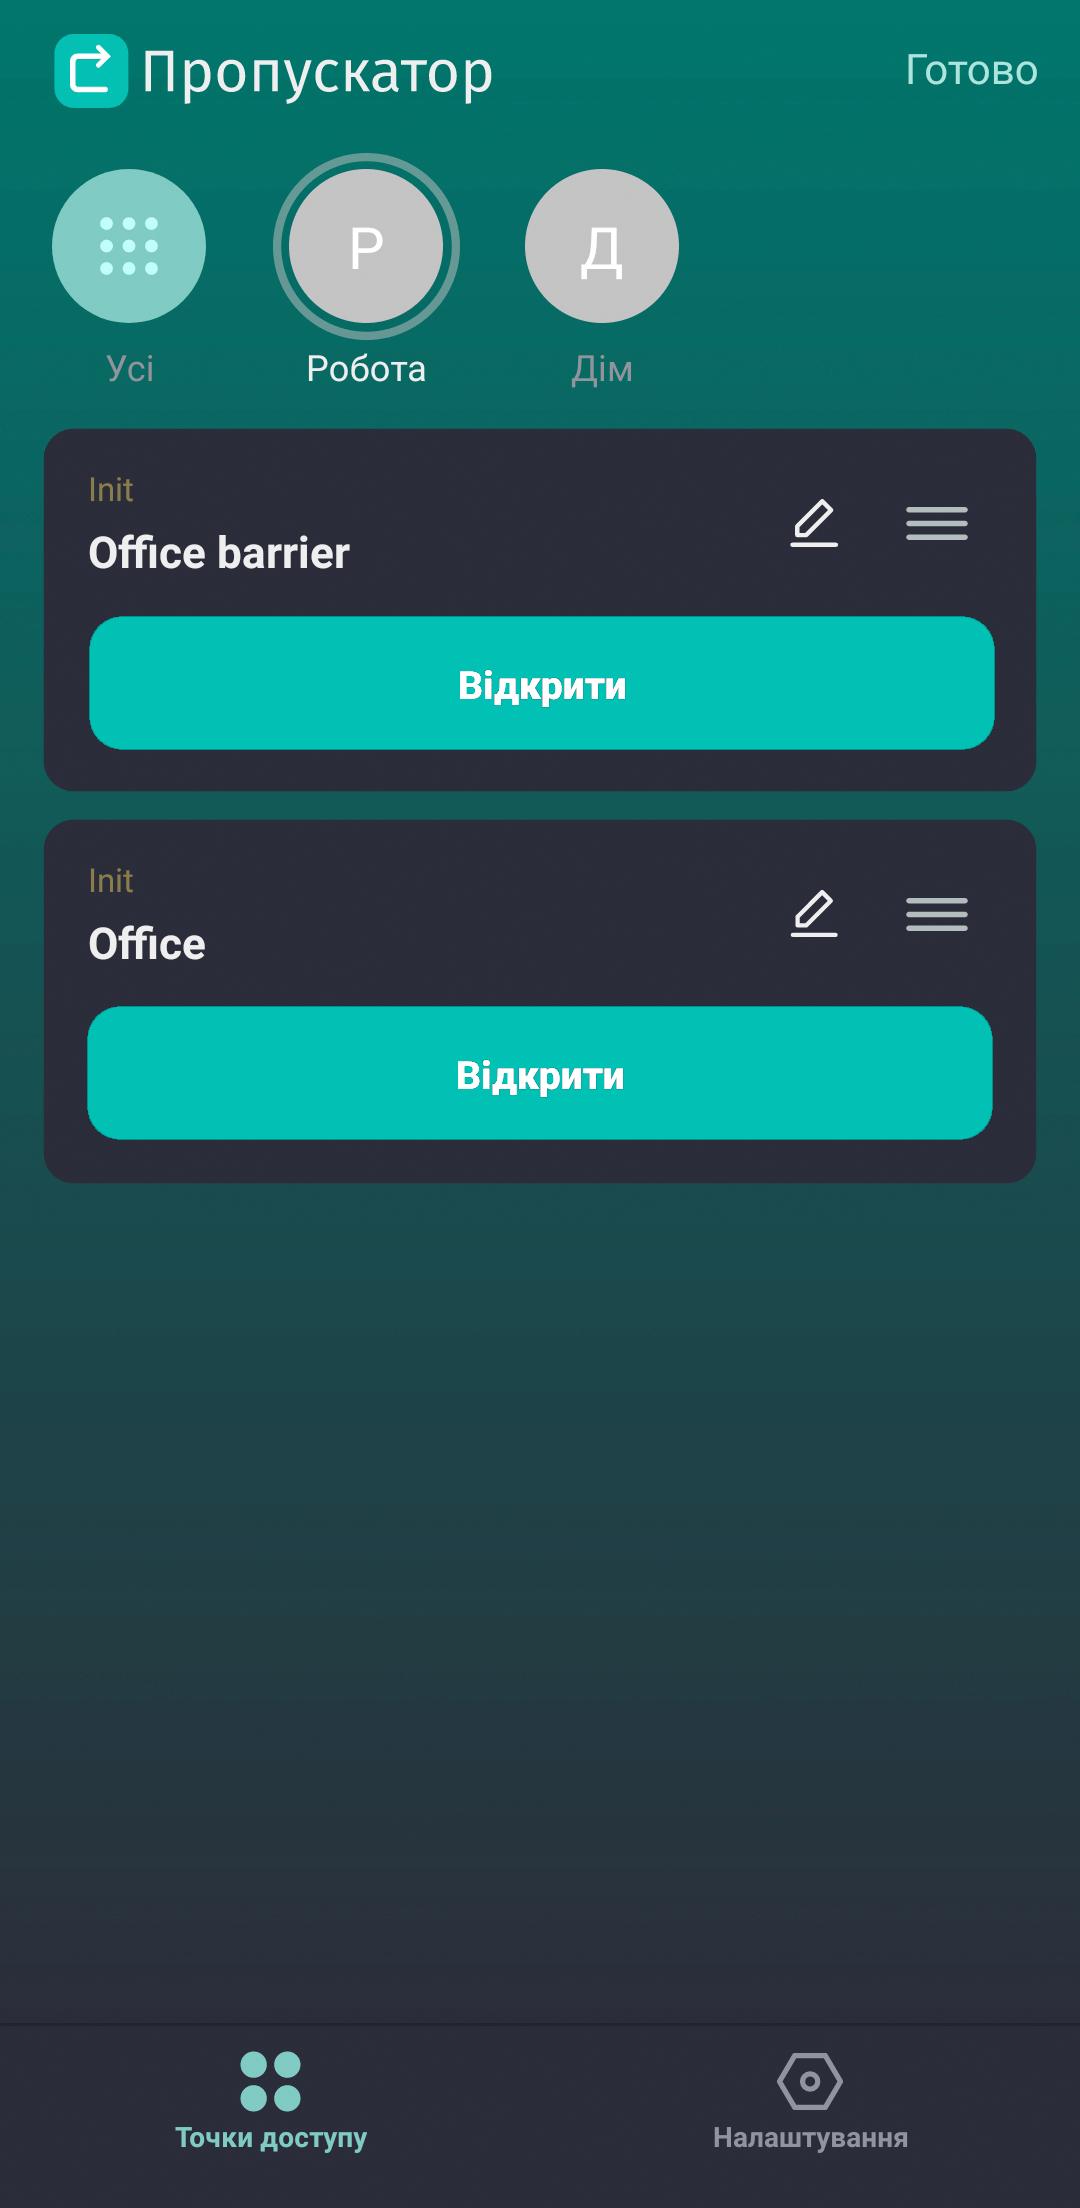 Сортировка точек доступа в группе